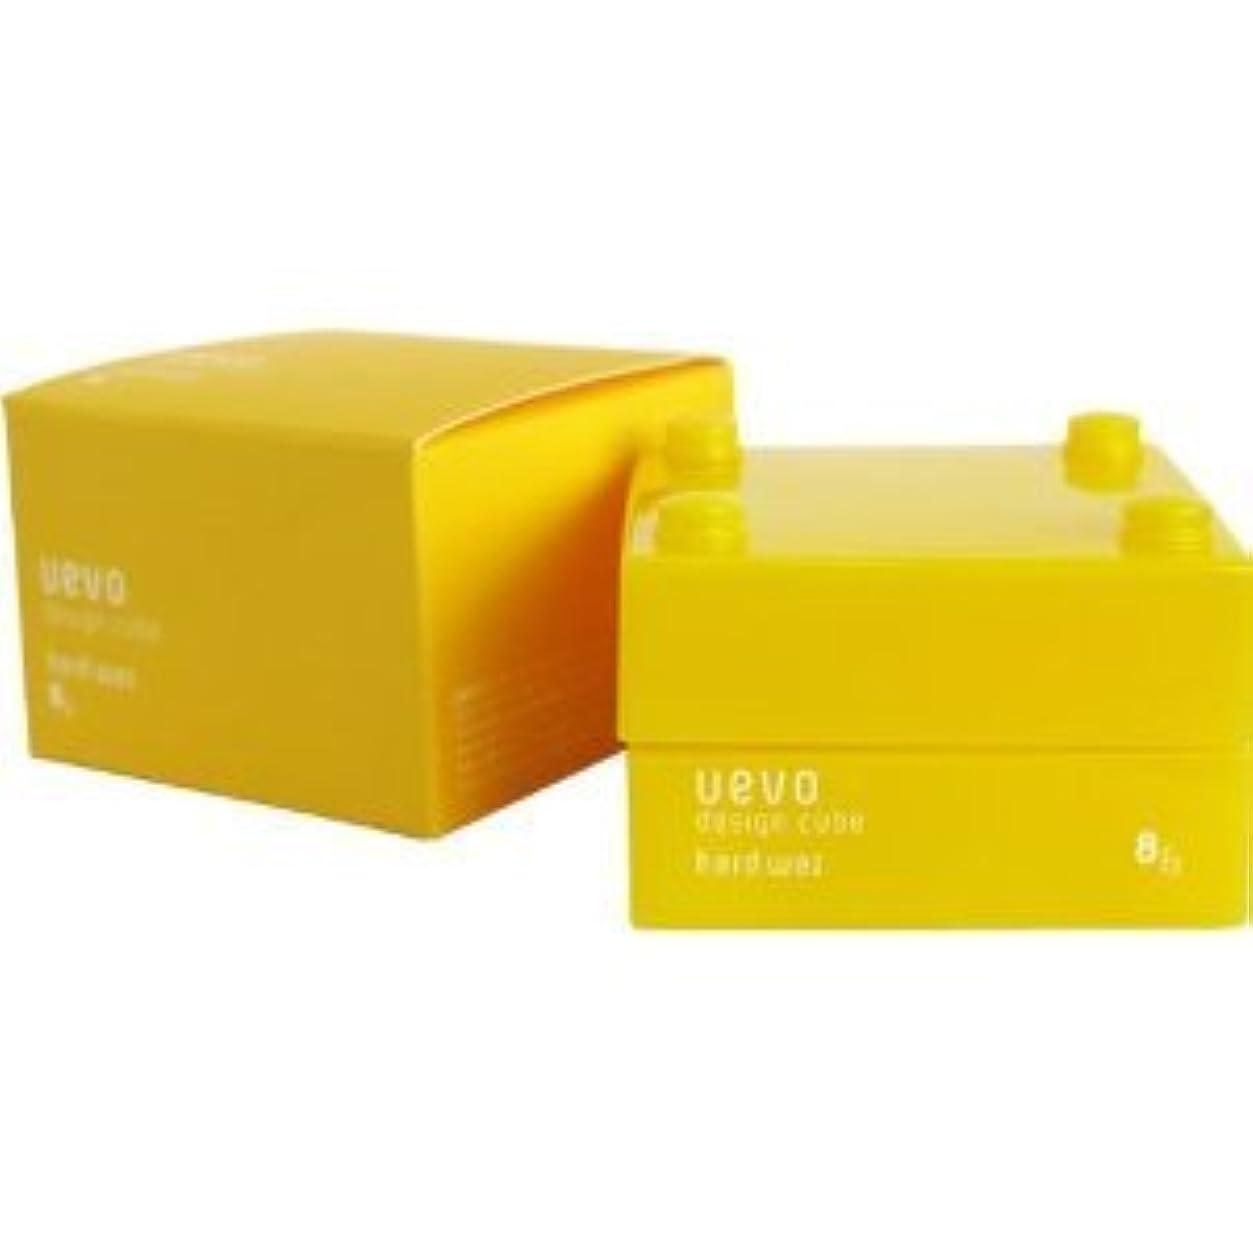 不屈少し物質【X2個セット】 デミ ウェーボ デザインキューブ ハードワックス 30g hard wax DEMI uevo design cube